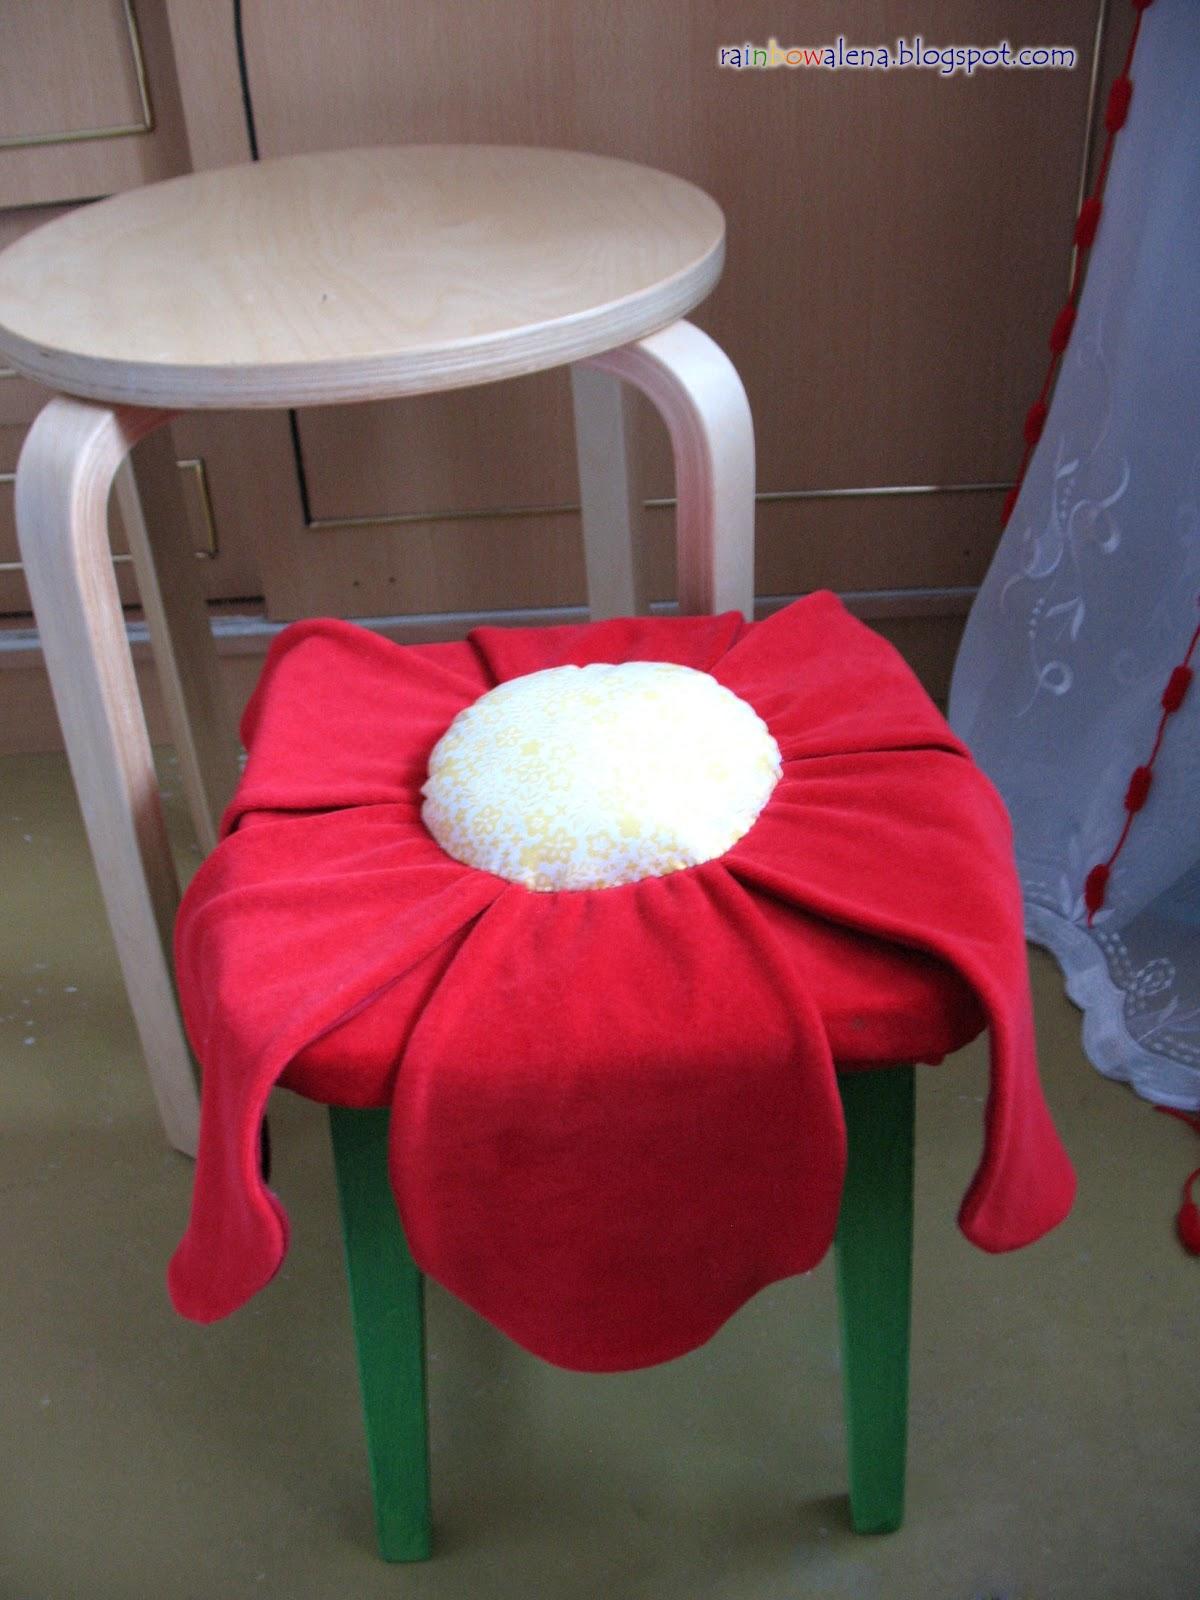 праздничный стол на день рождения ребенка фото сервировка в домашних условиях